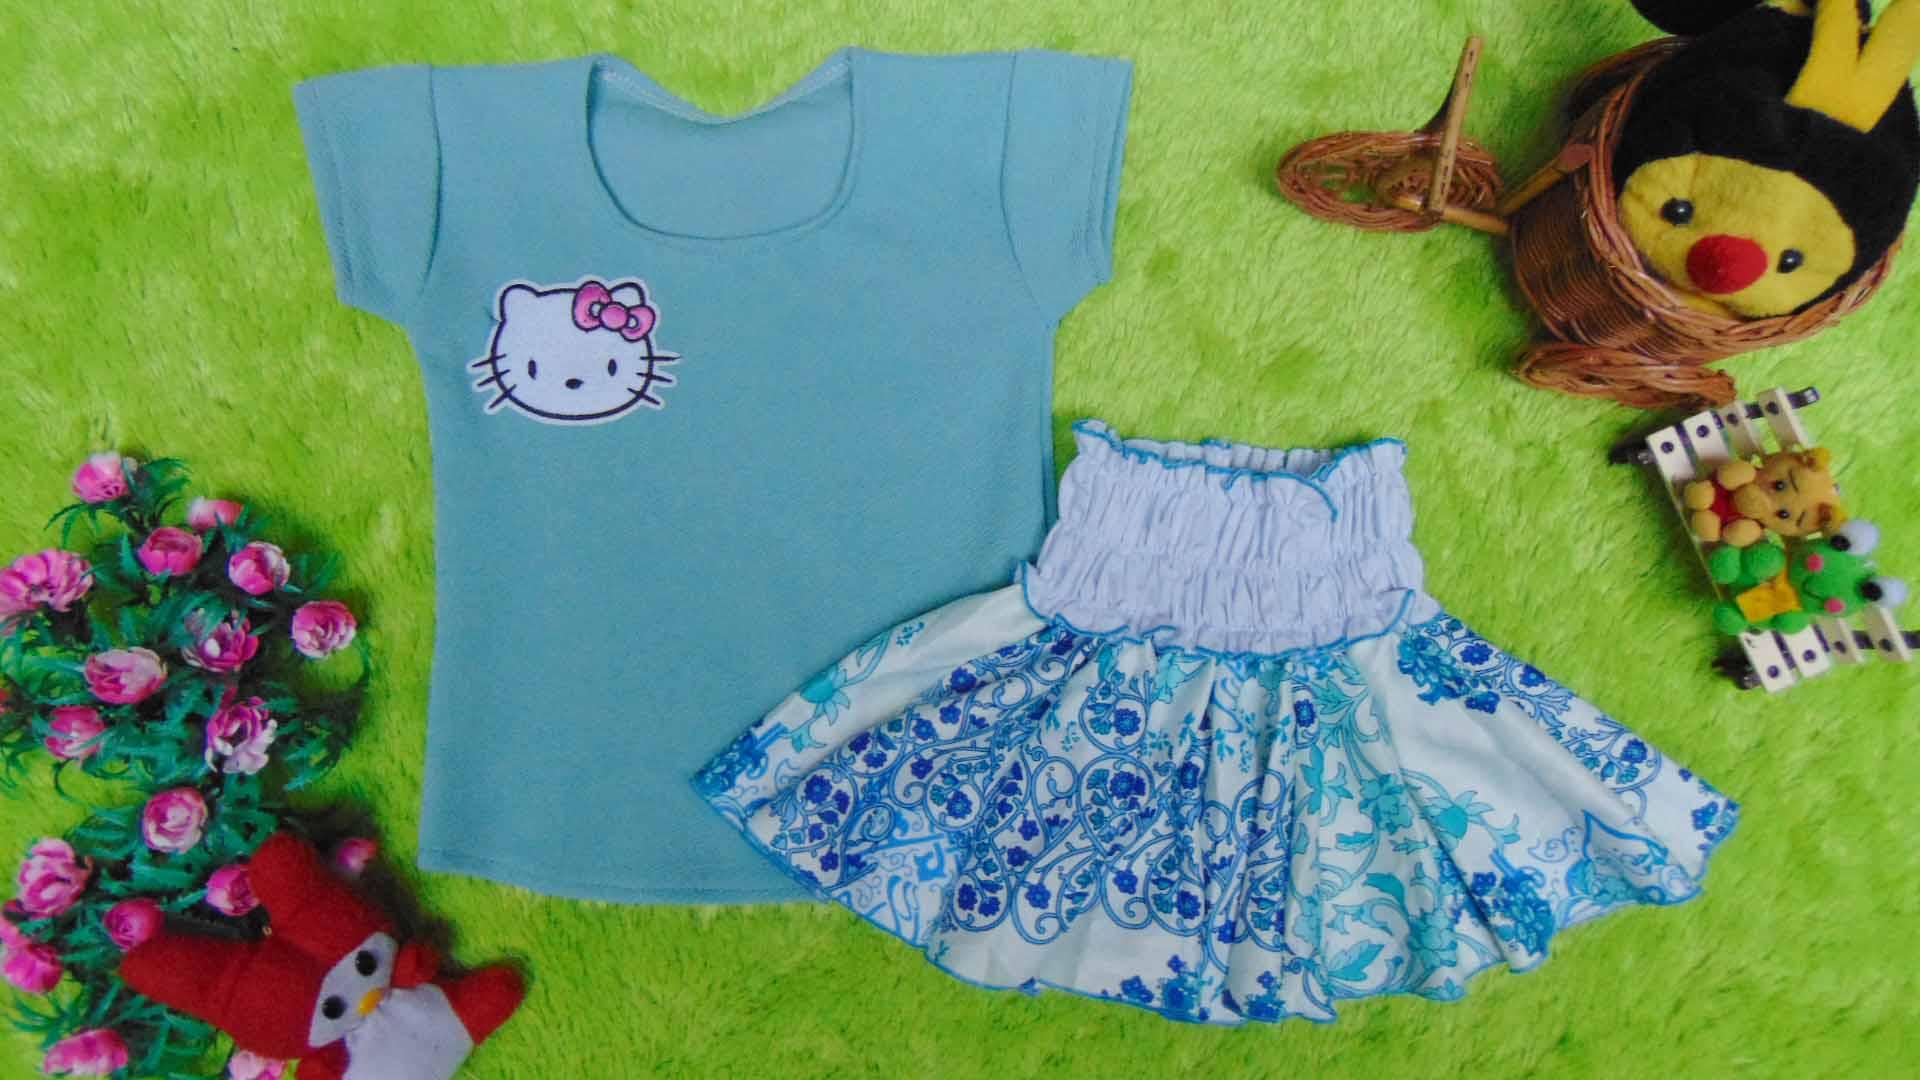 EXCLUSIVE Kado Bayi Setelan Baju Bayi 0-12bulan Atasan Pendek Wafel Plus Rok Turqoise Cantik